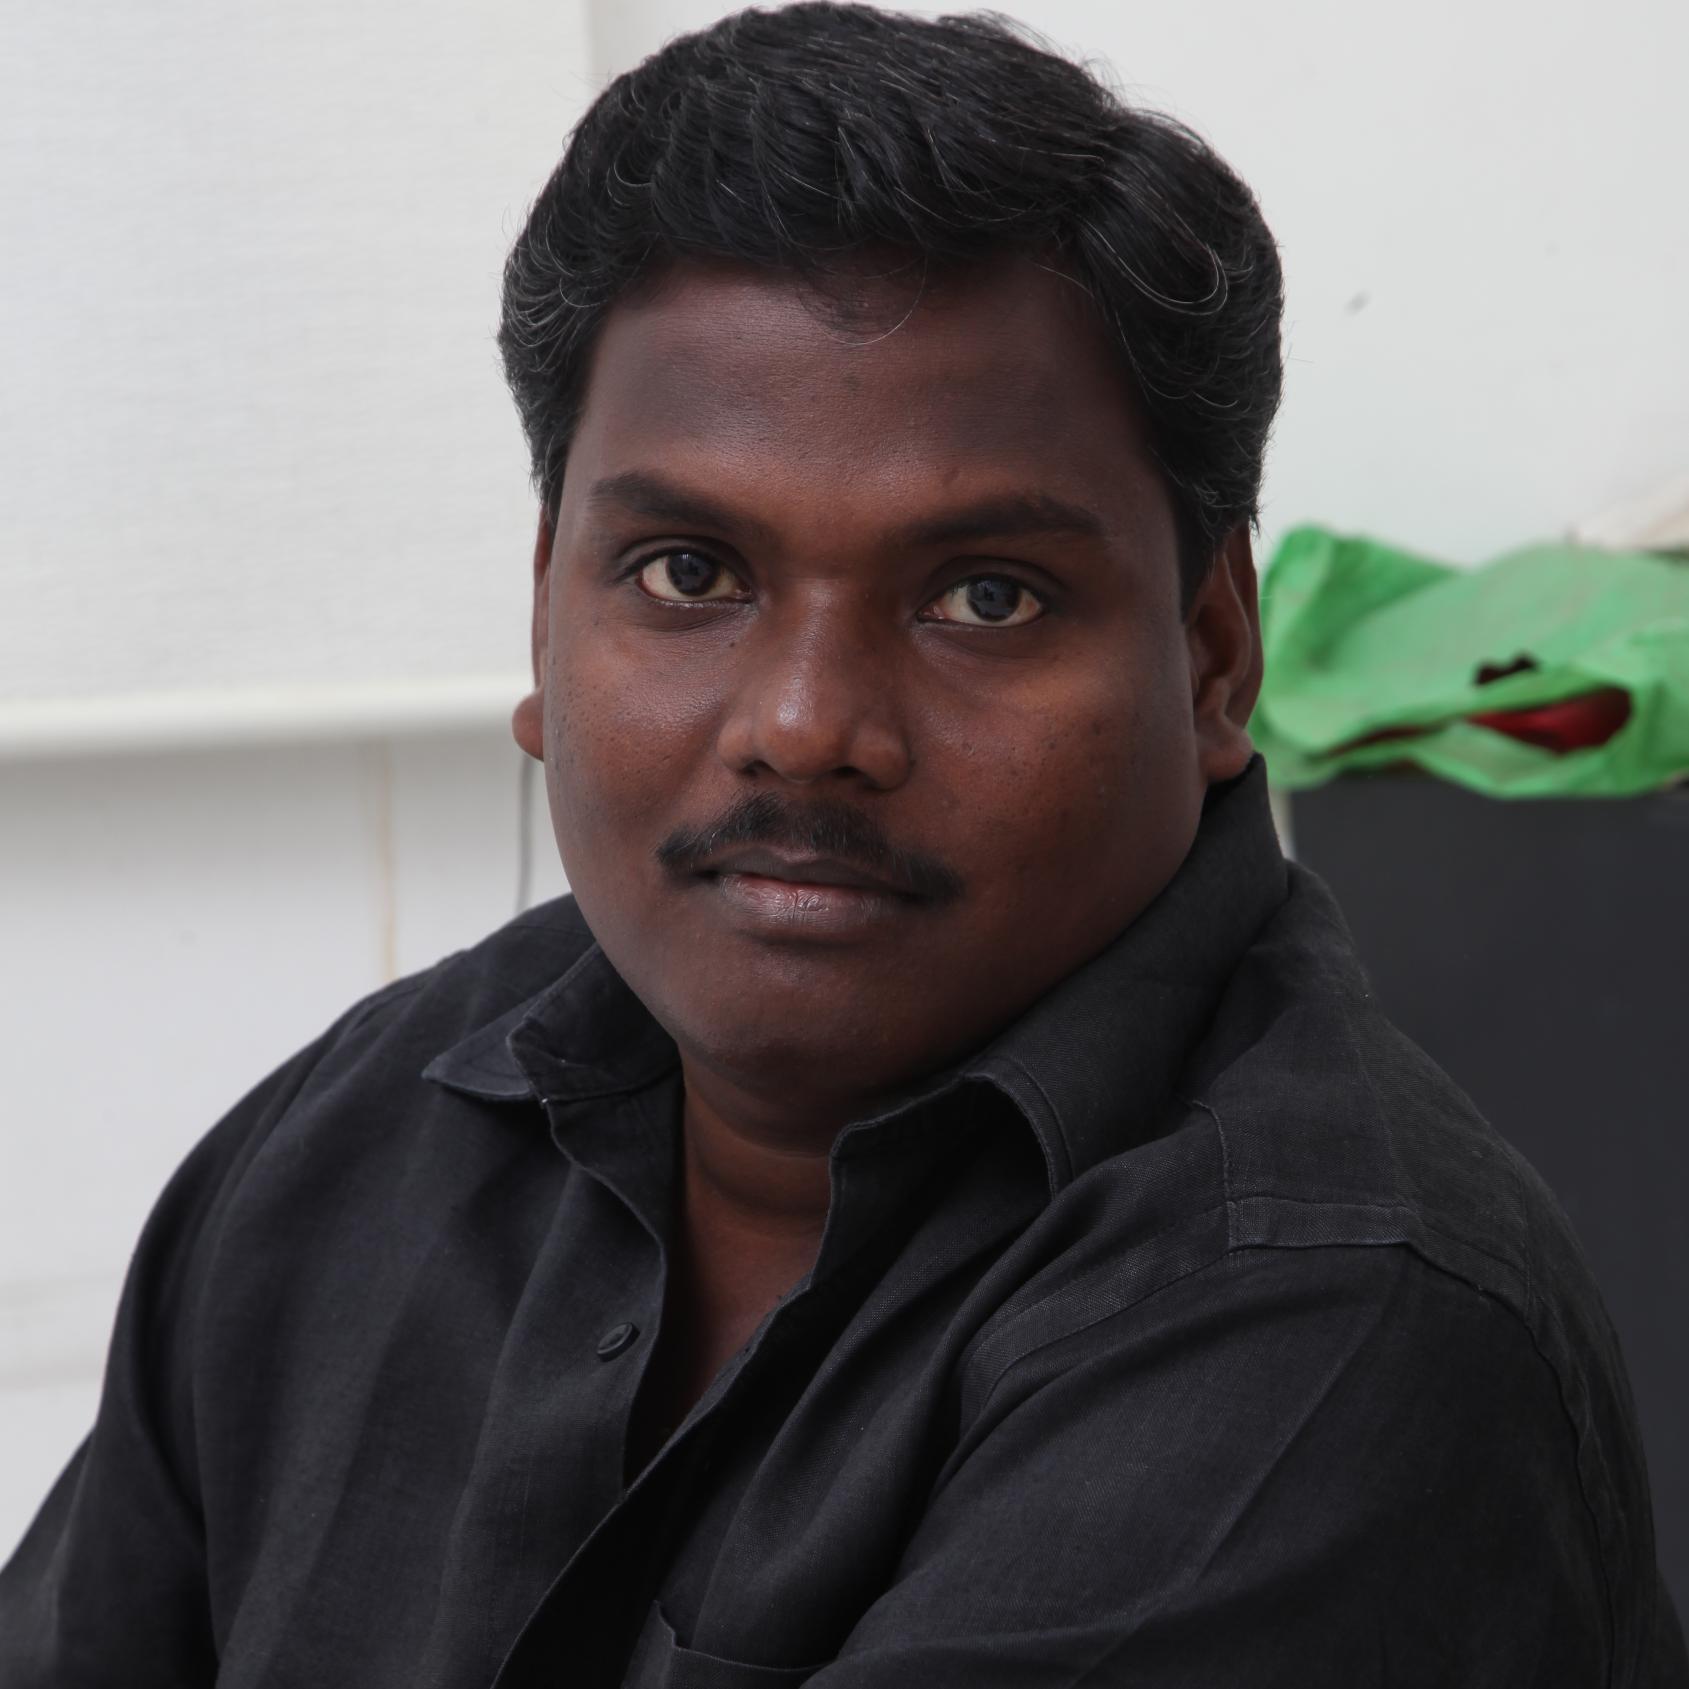 யுகபாரதி- ஸ்டெர்லைட்